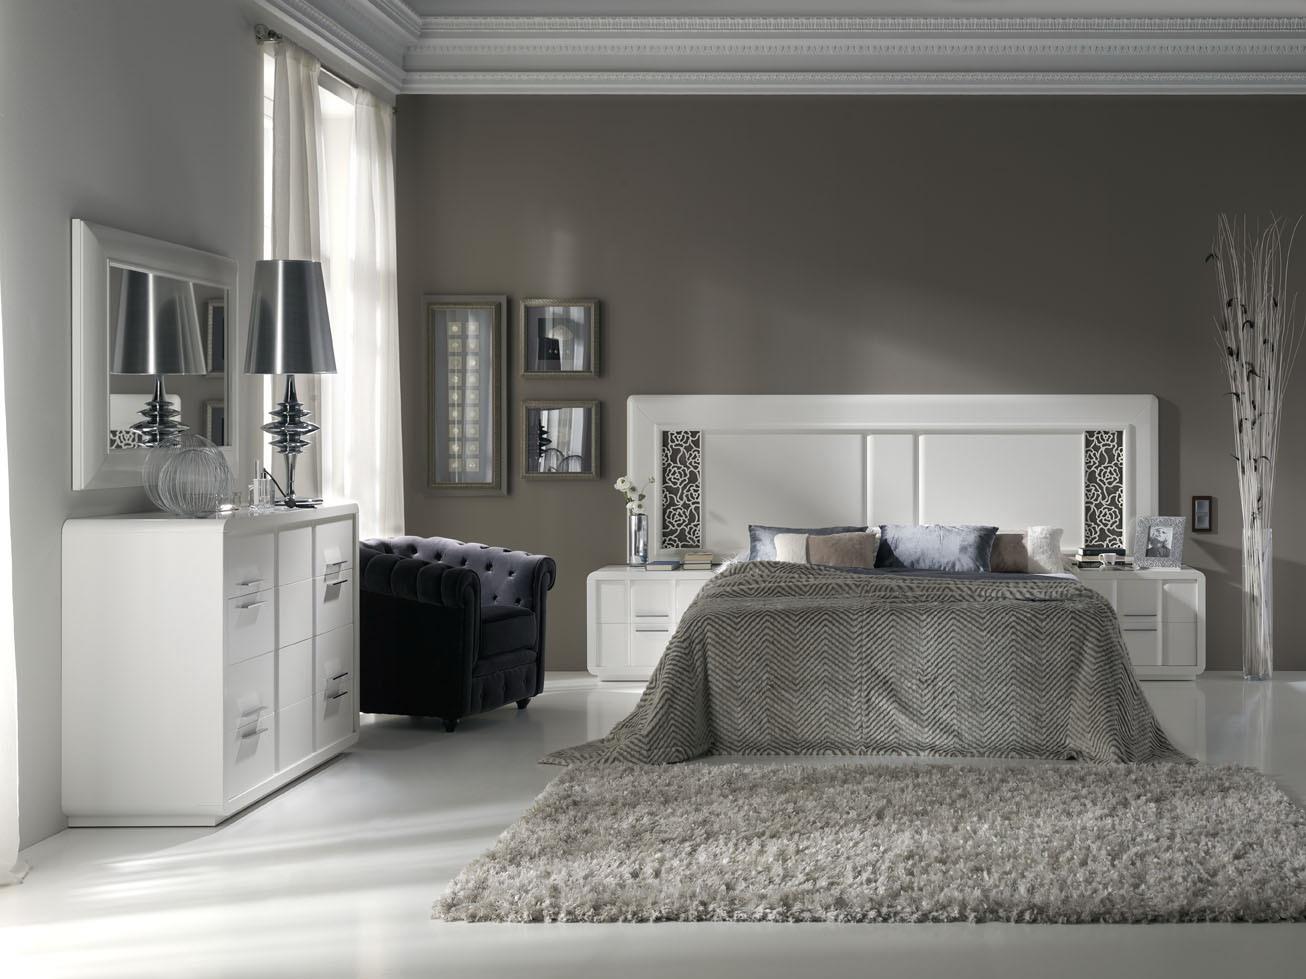 Dormitorios estilo moderno muebles andaluc a for Muebles estilo isabelino moderno